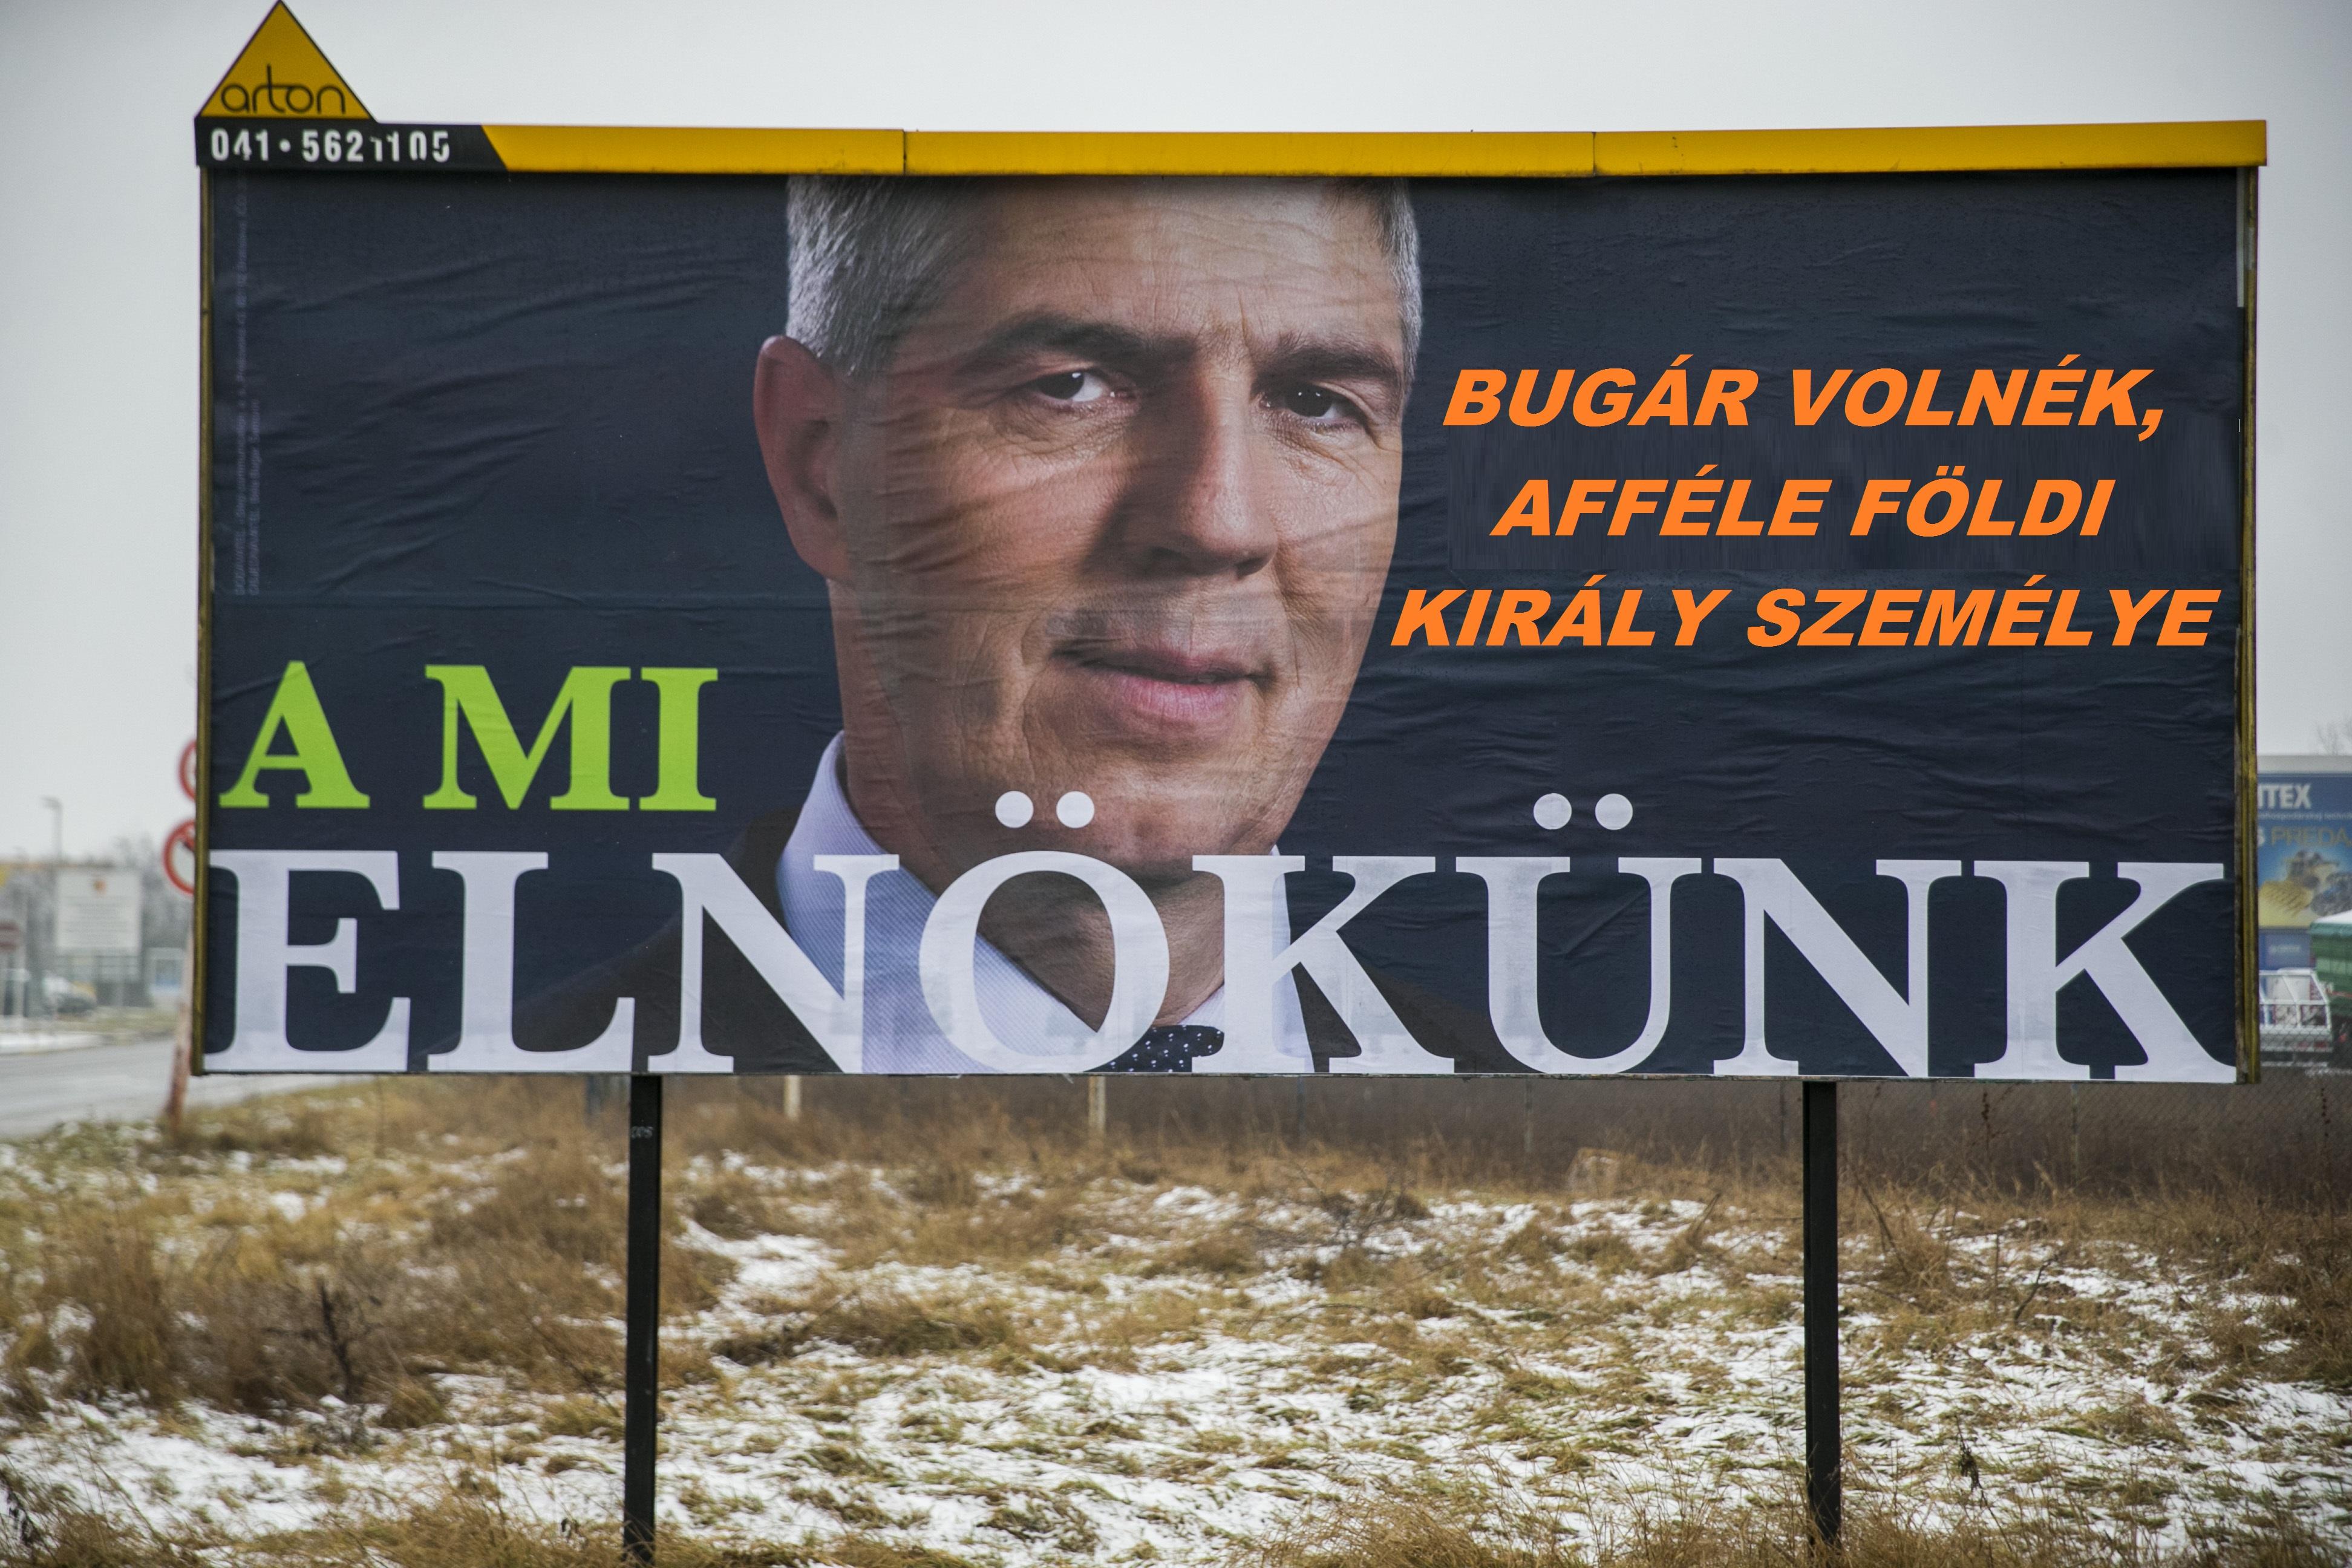 bugar